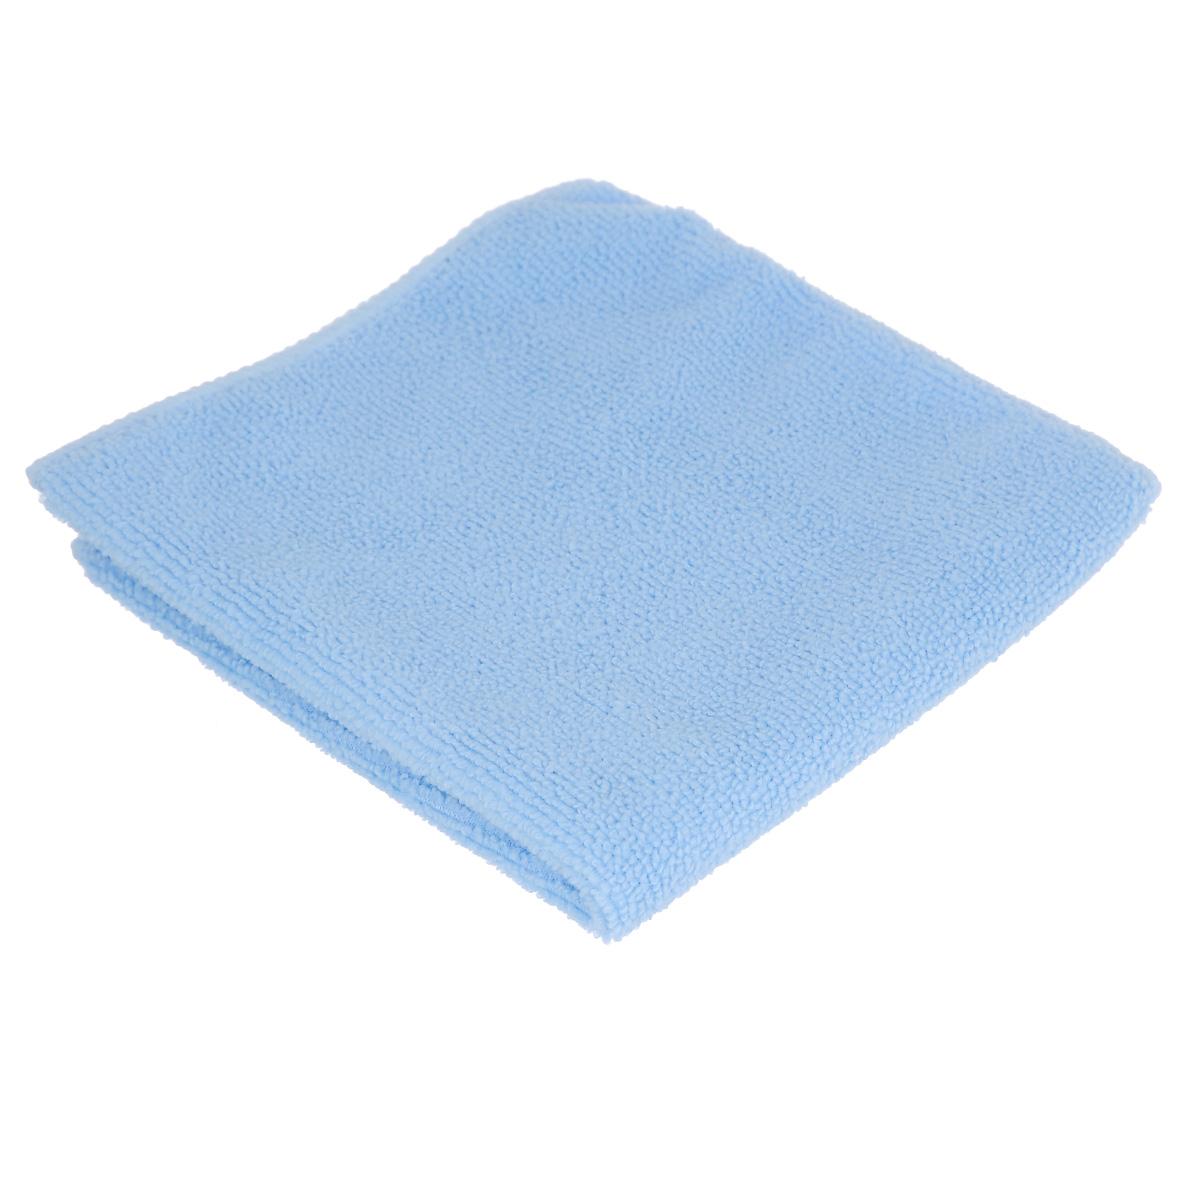 Салфетка для уборки Youll Love, цвет: голубой, 30 х 30 см234100Салфетка Youll Love, изготовленная из полиэфира, предназначена для очищения загрязнений на любых поверхностях. Изделие обладает высокой износоустойчивостью и рассчитано на многократное использование, легко моется в теплой воде с мягкими чистящими средствами. Супервпитывающая салфетка не оставляет разводов и ворсинок, удаляет большинство жирных и маслянистых загрязнений без использования химических средств. Размер салфетки: 30 см х 30 см.